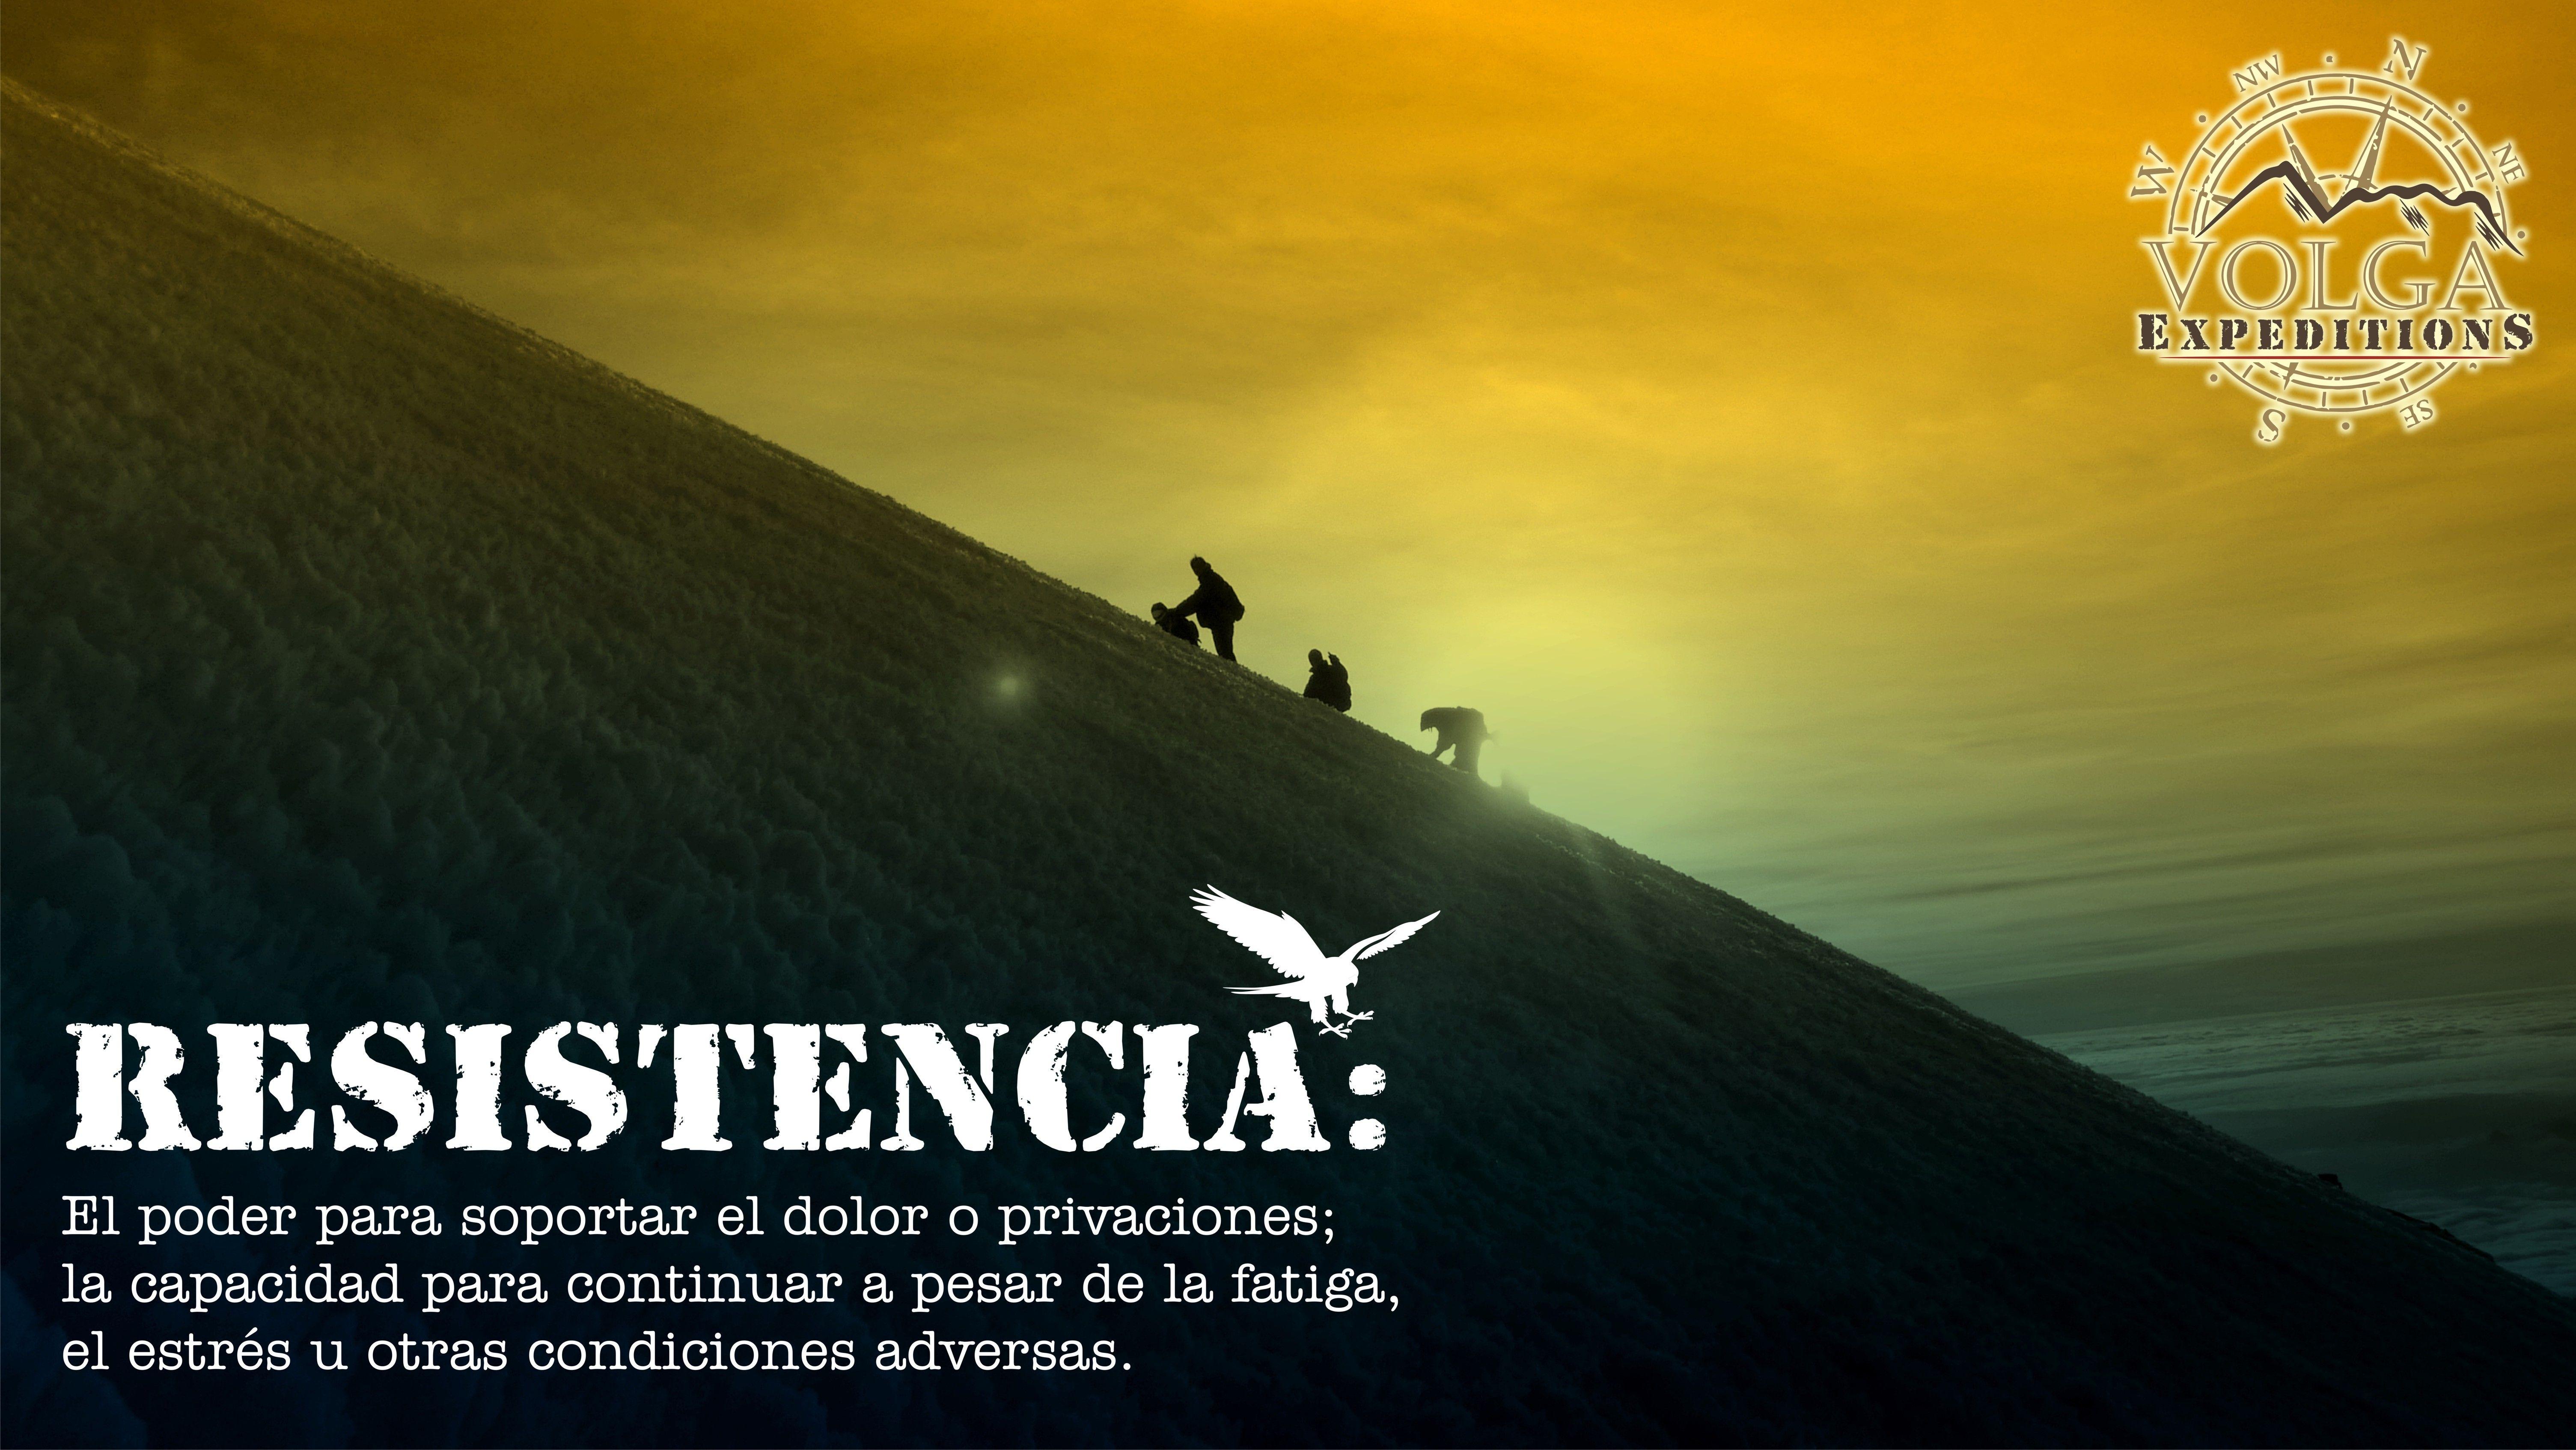 Resistencia: El poder para soportar el dolor o privaciones; la capacidad para continuar a pesar dela fatiga, el estrés u otras condiciones adversas.